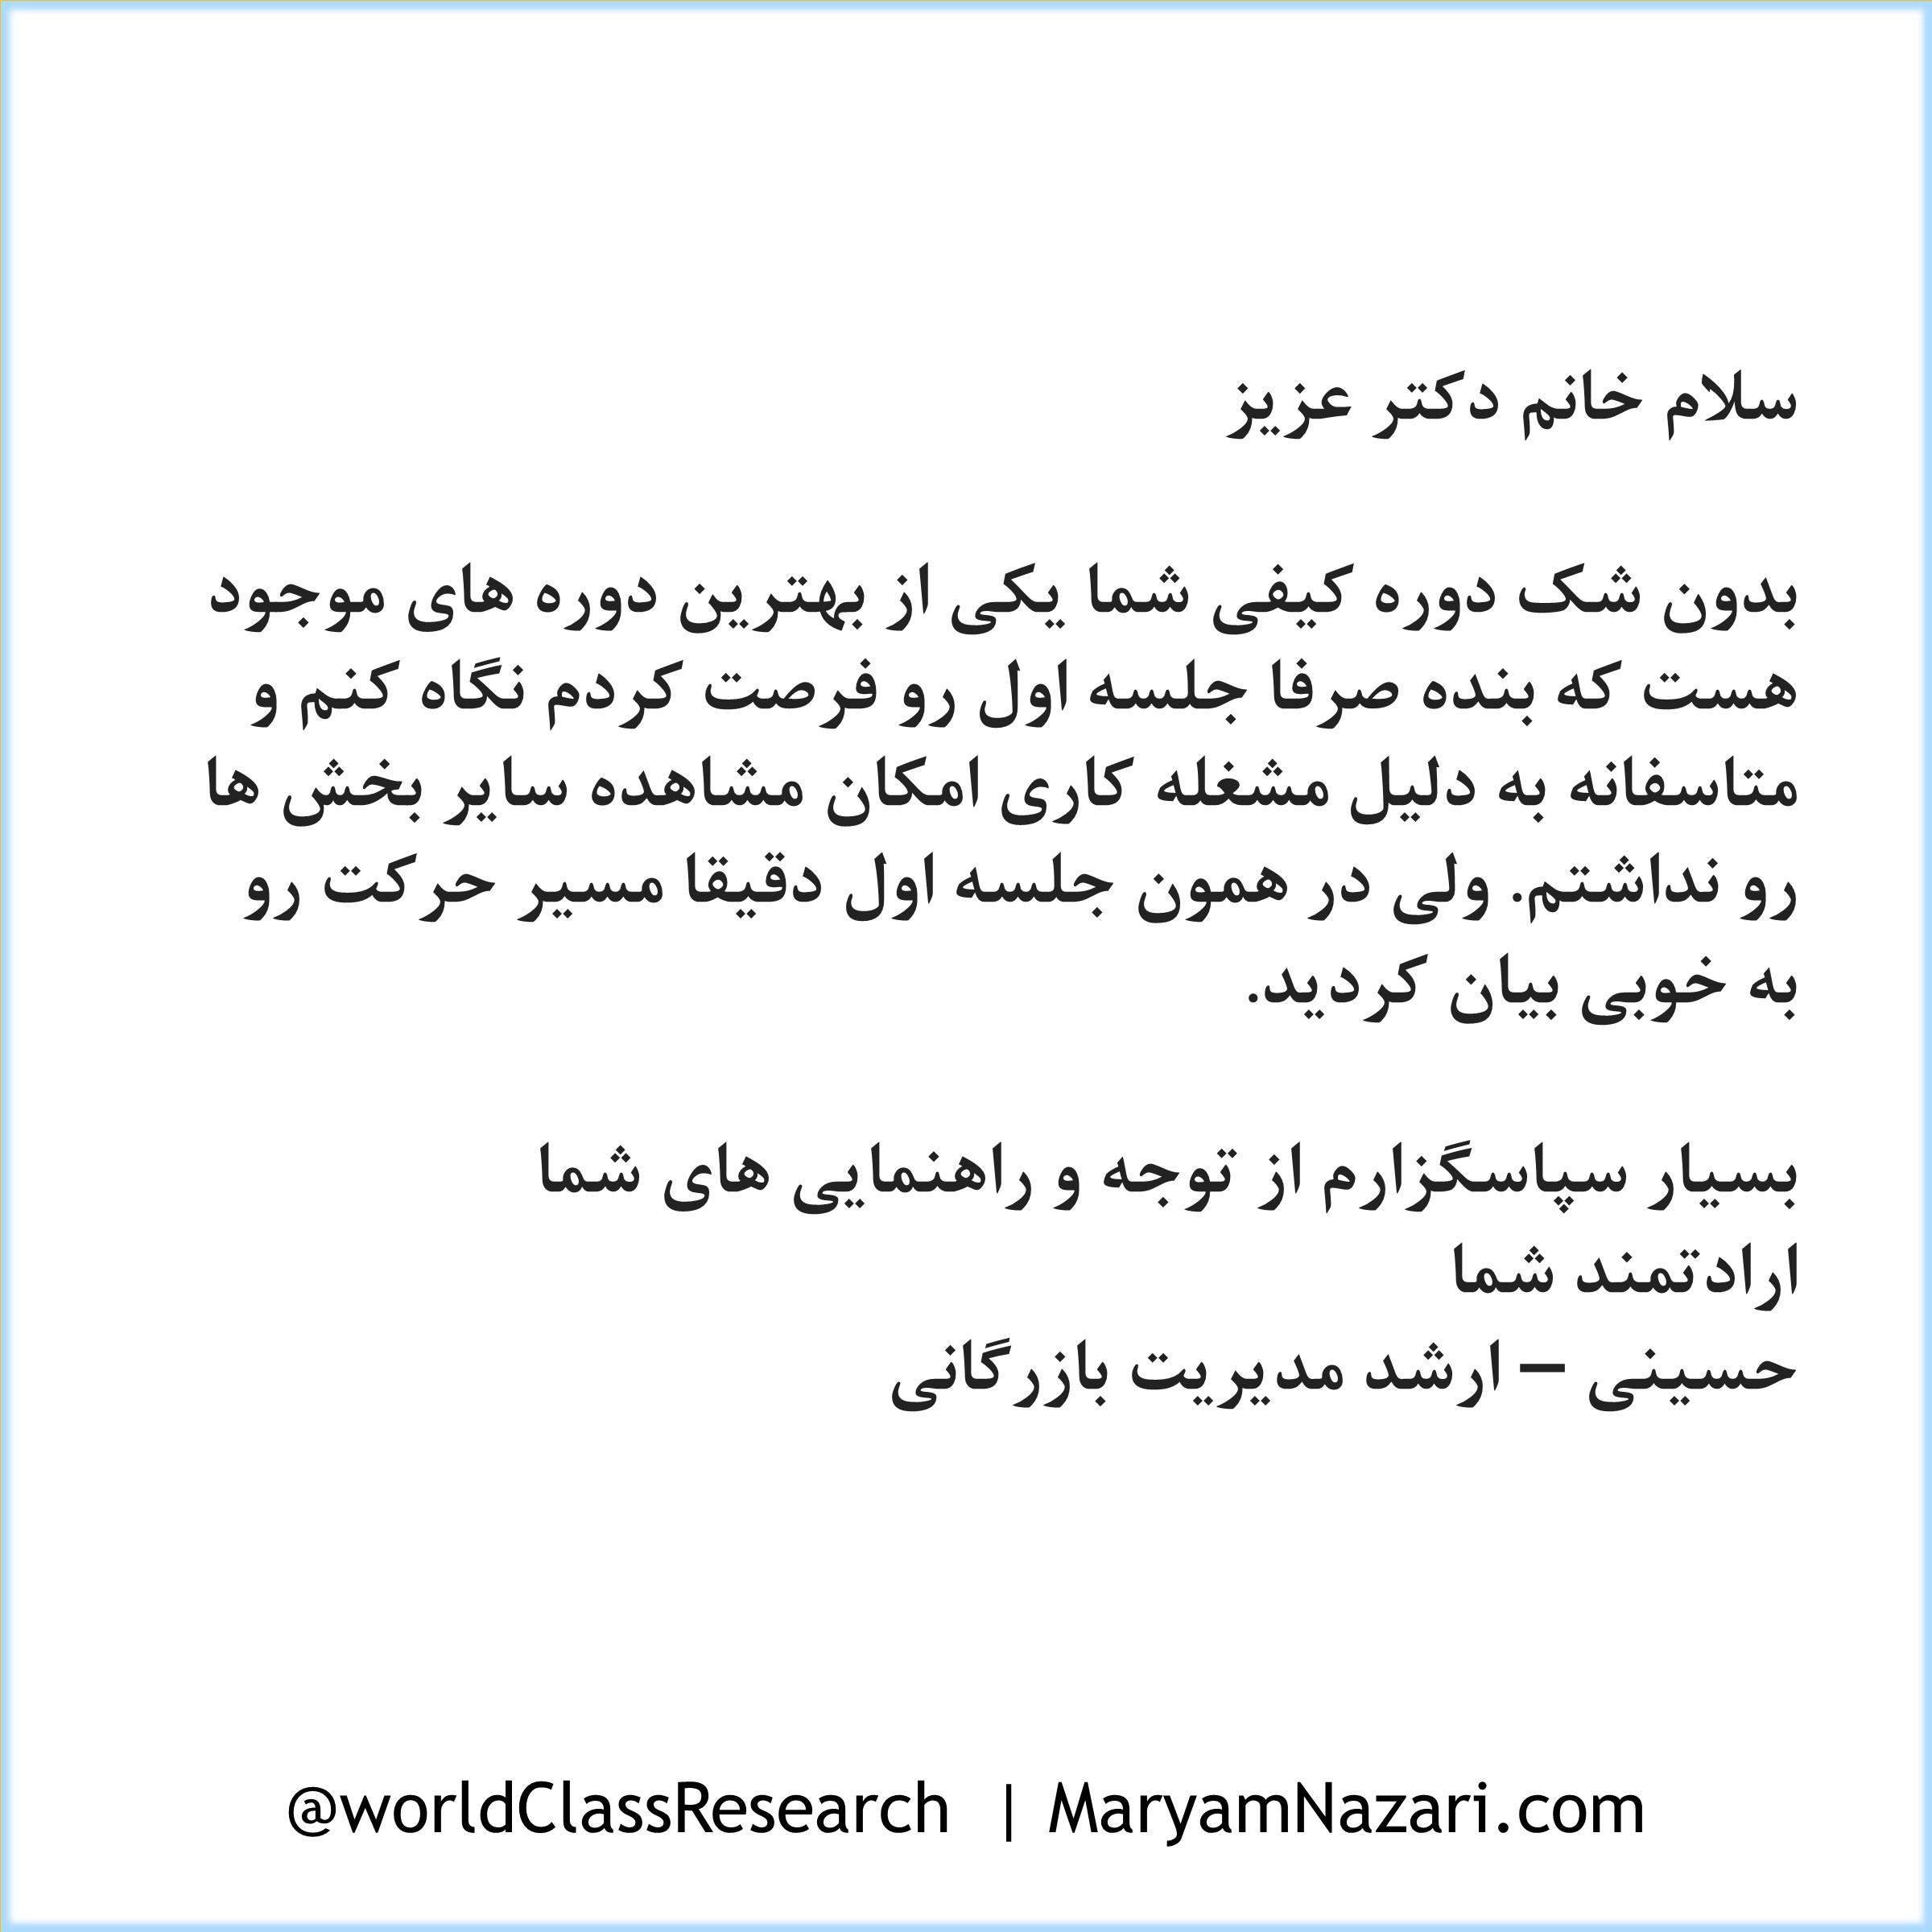 بازخورد آقای حسینی درباره کارگاه پژوهش کیفی